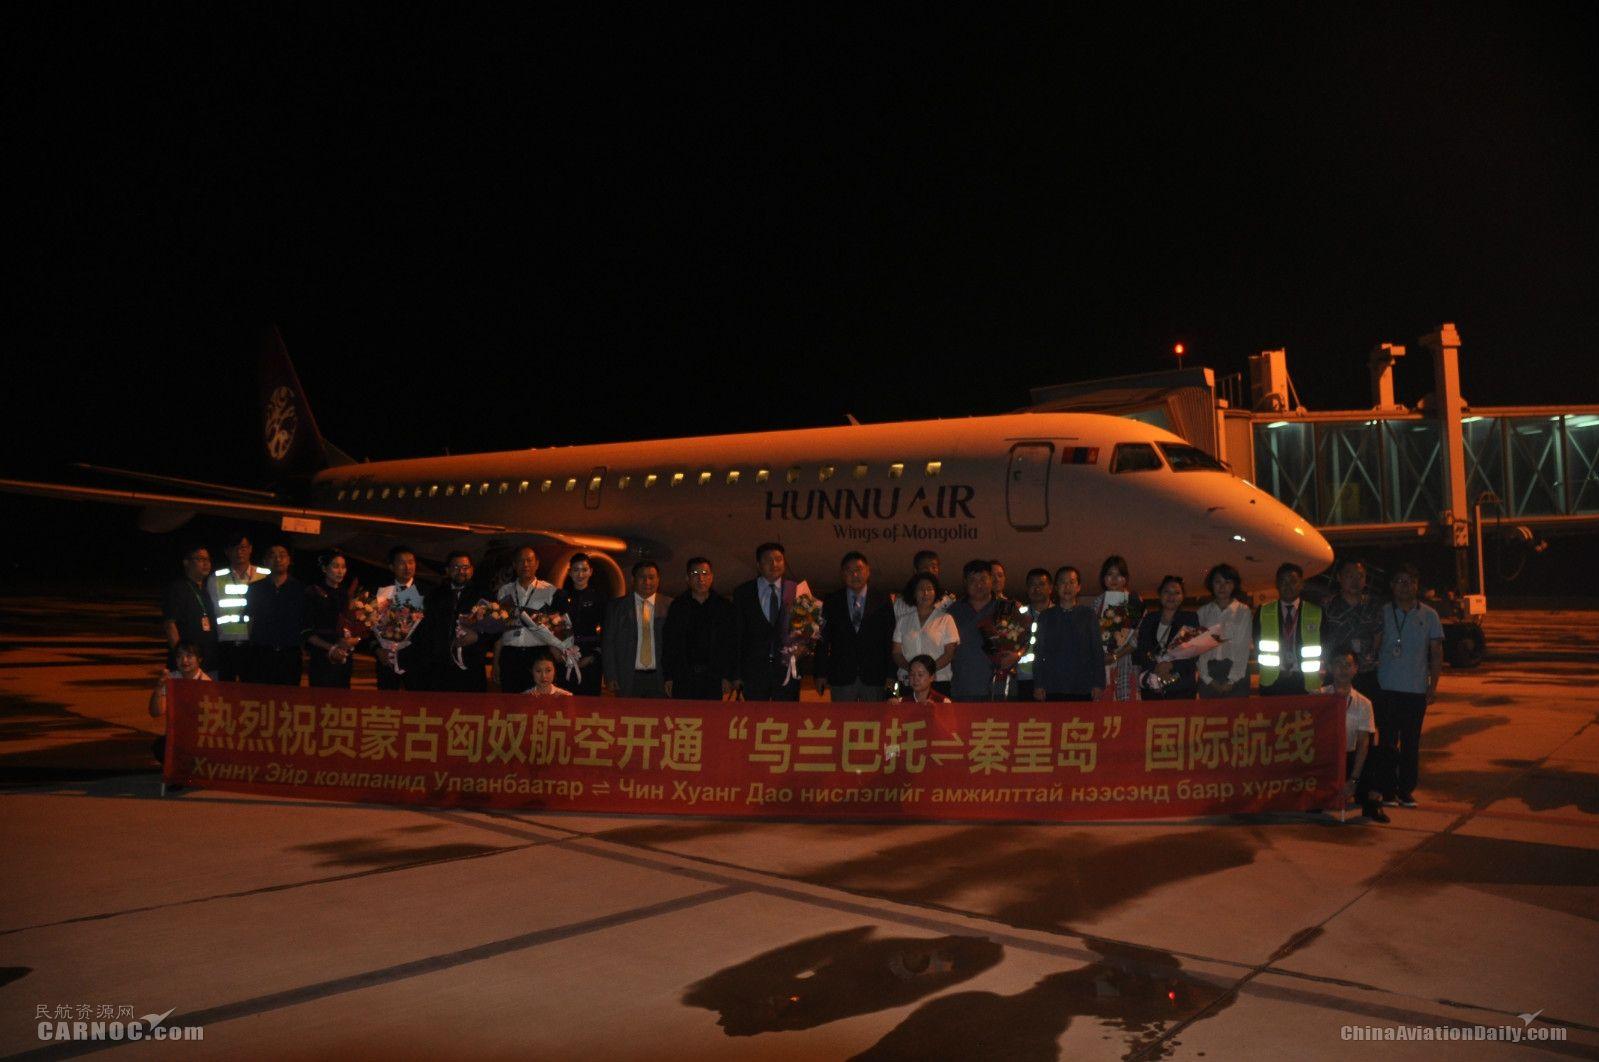 秦皇島北戴河機場首次開通至烏蘭巴托國際航線